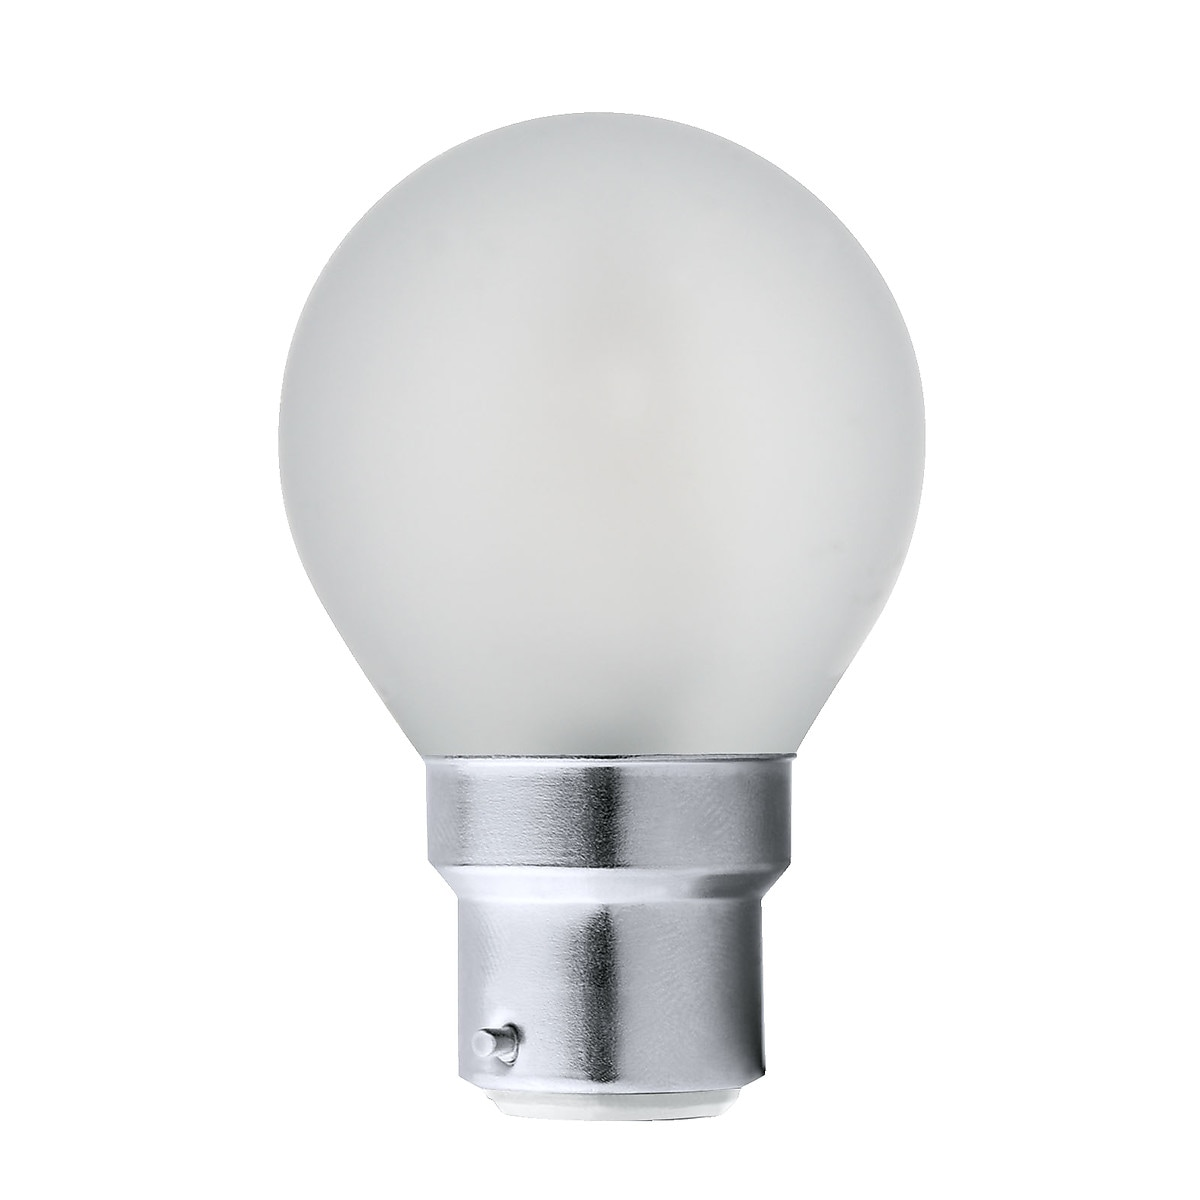 Clas Ohlson B22 Dimmable LED Golf Ball Bulb